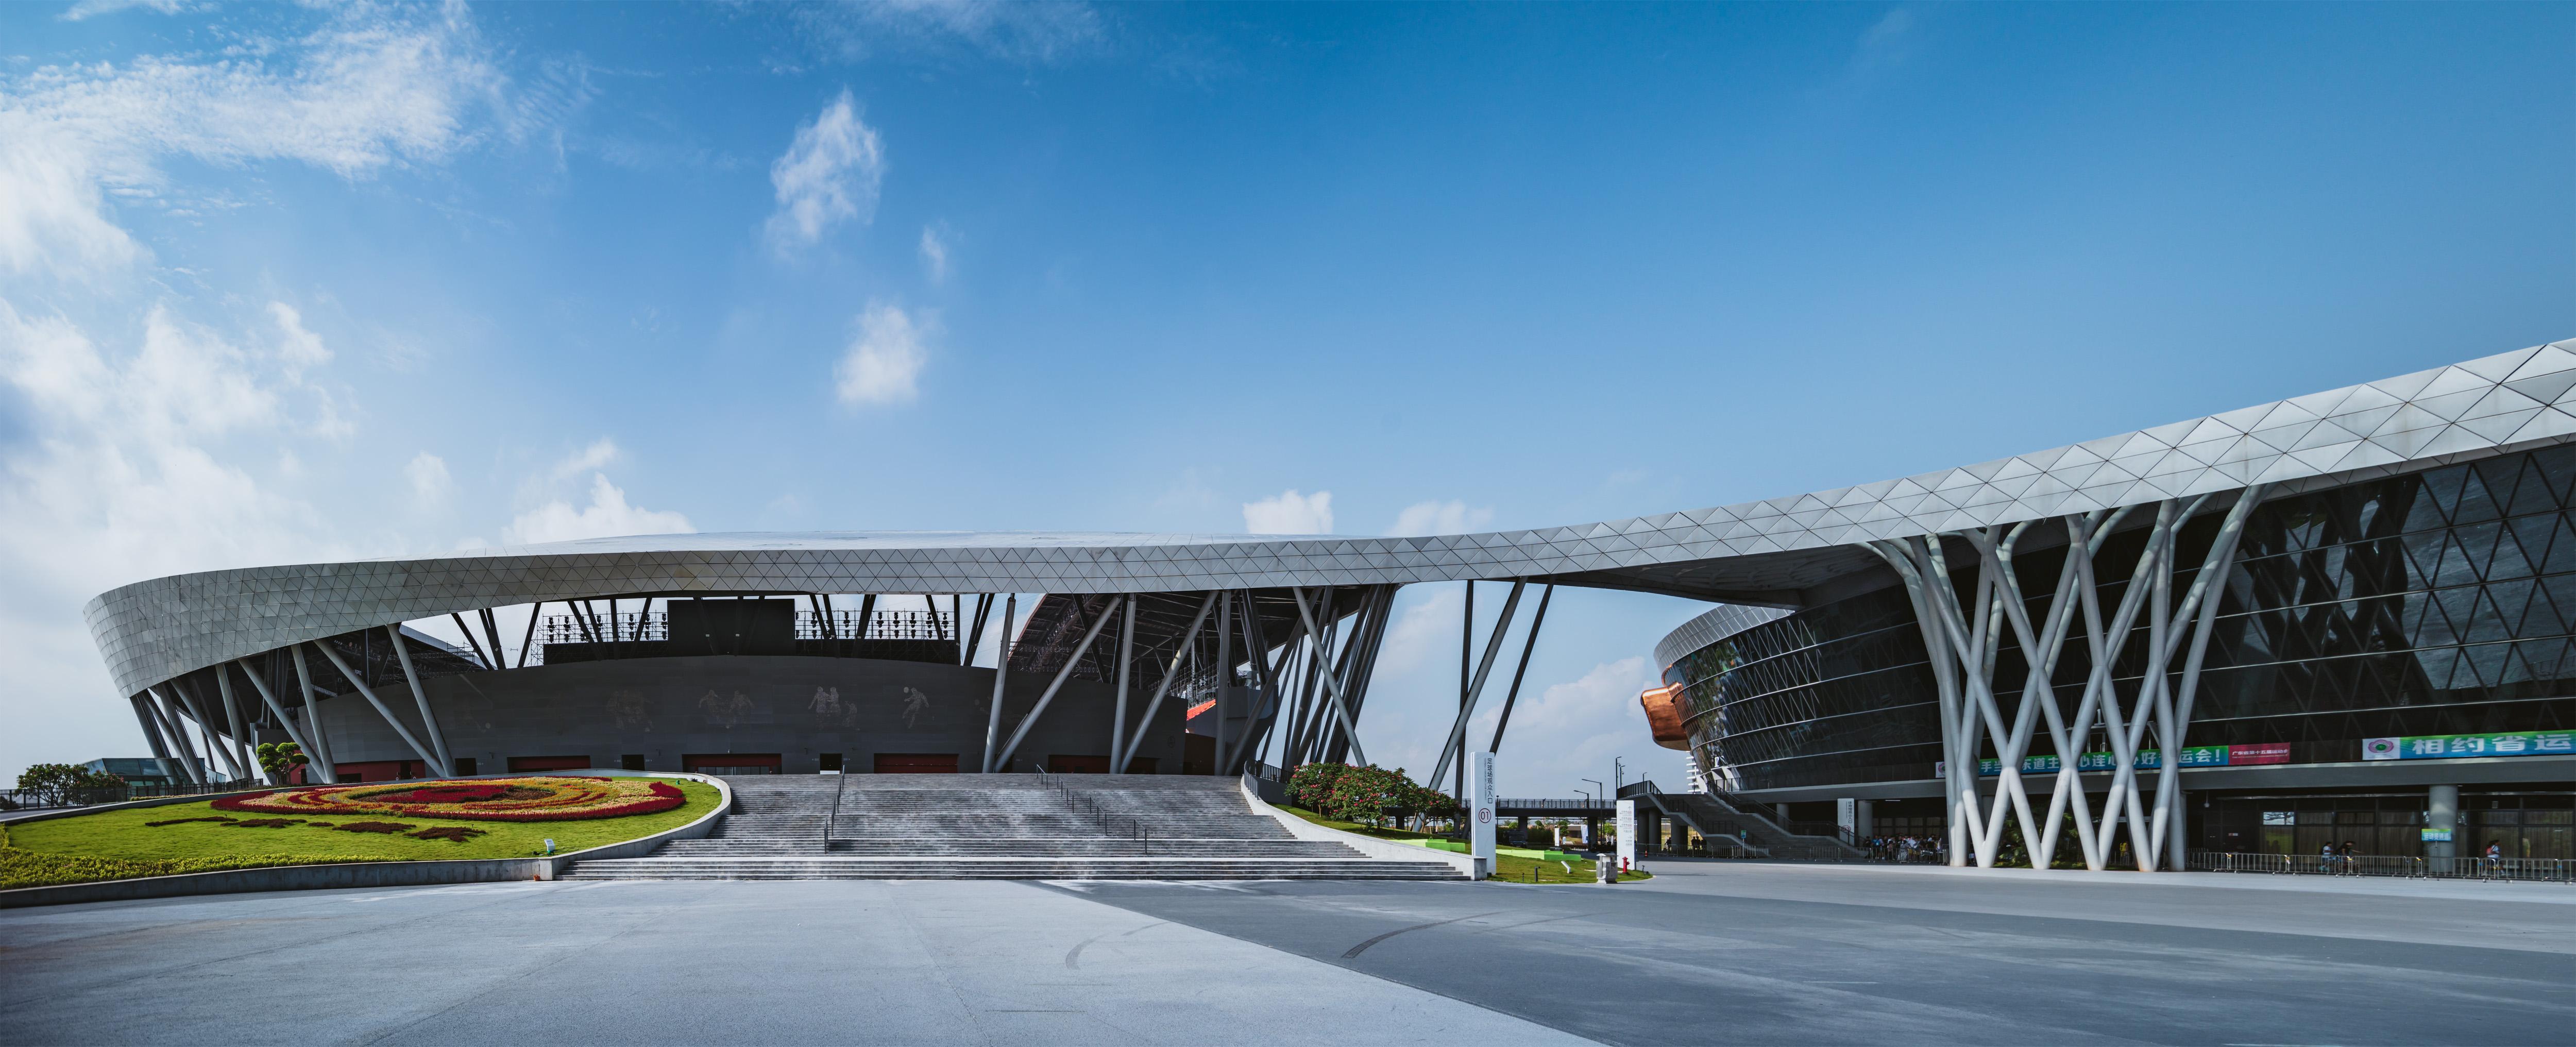 肇庆体育中心